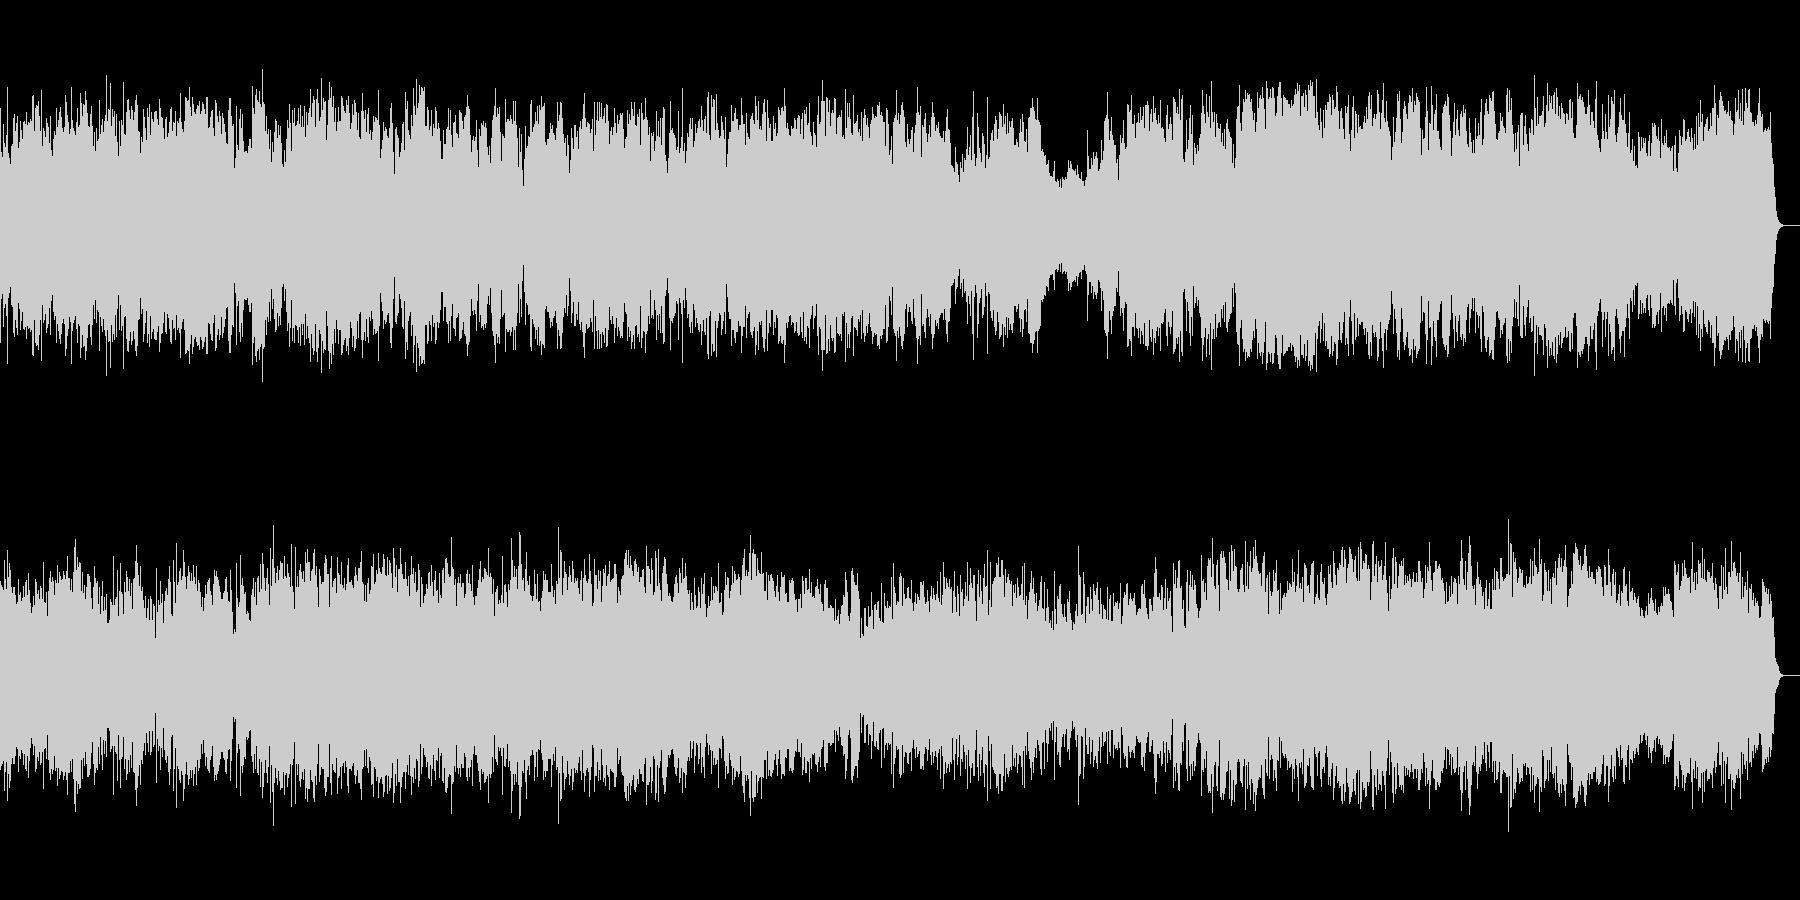 愛らしい木管五重奏の未再生の波形